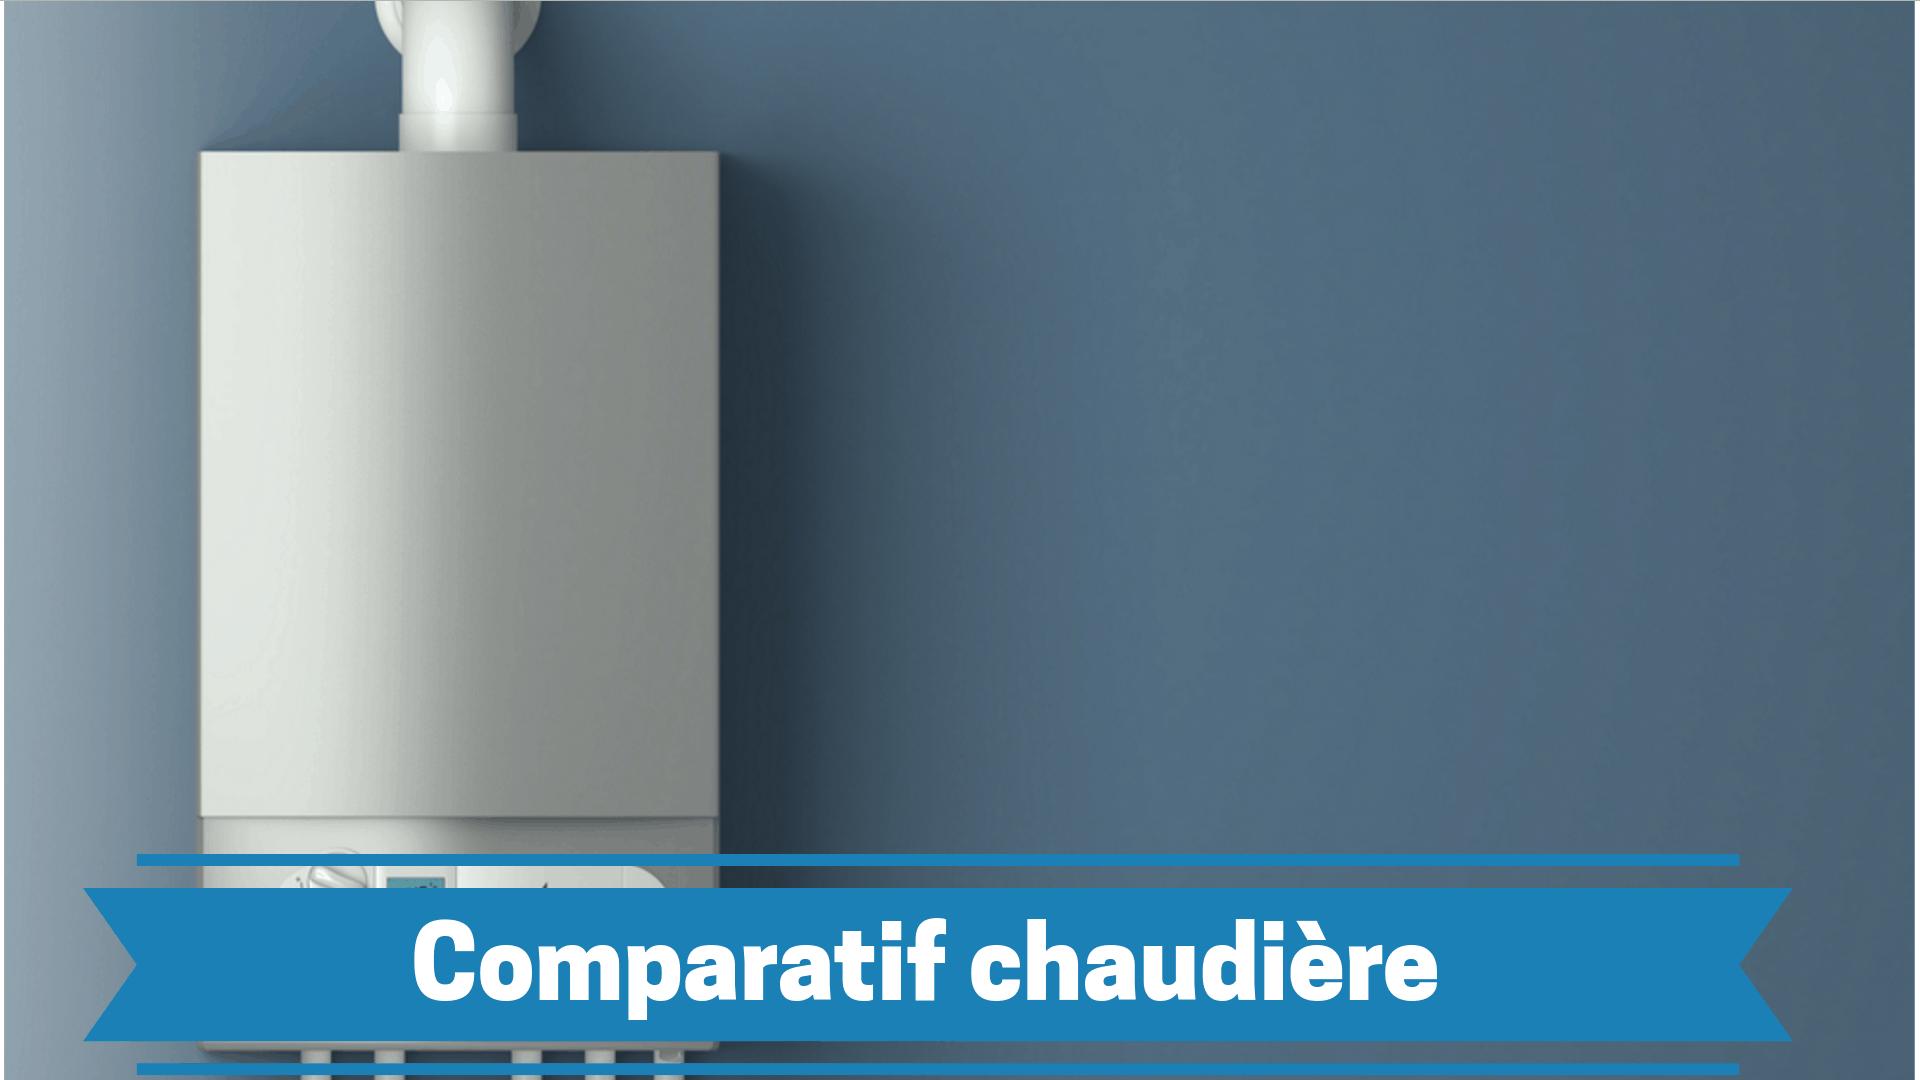 Guide d'achat, comparatif & devis pour installer une chaudière à condensation